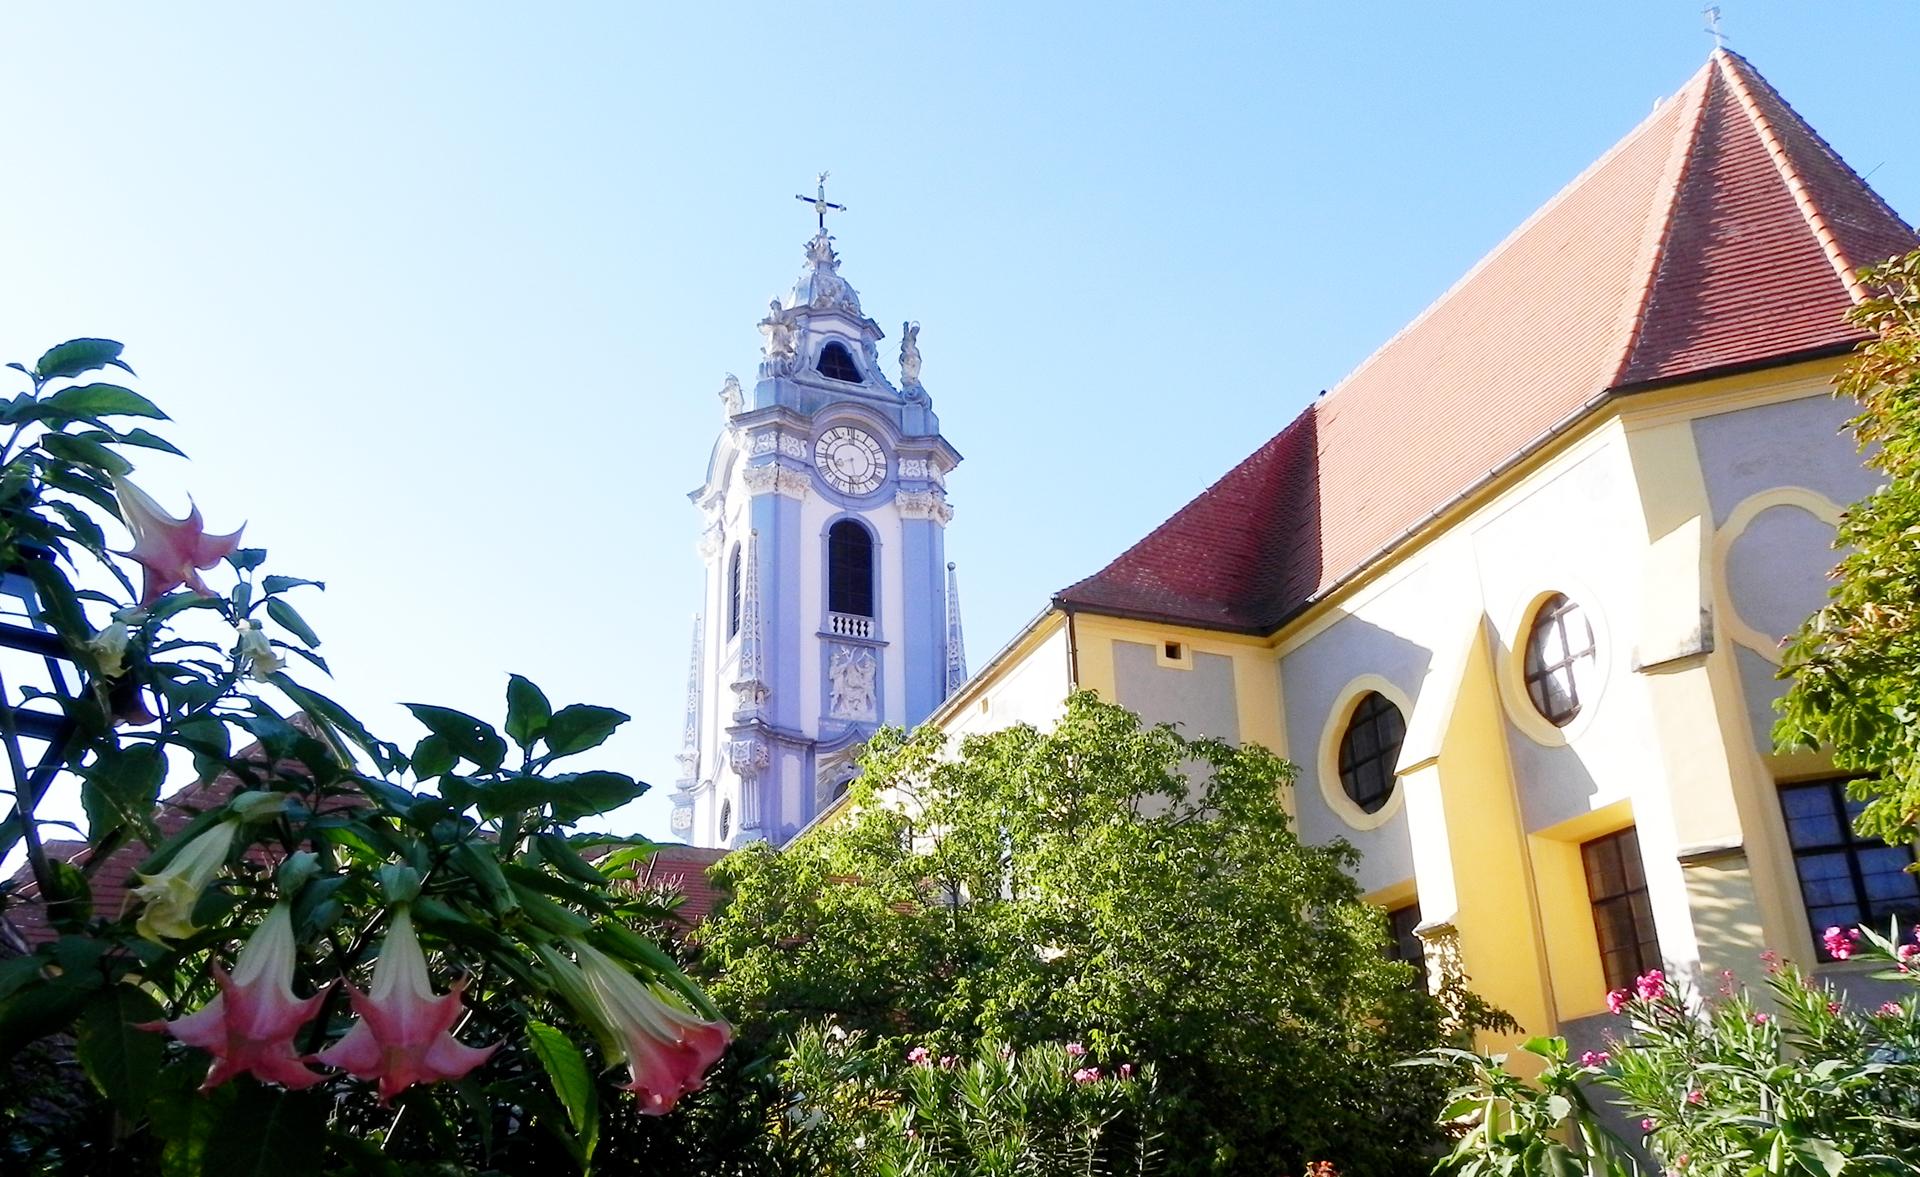 Garten mit Kirchturm